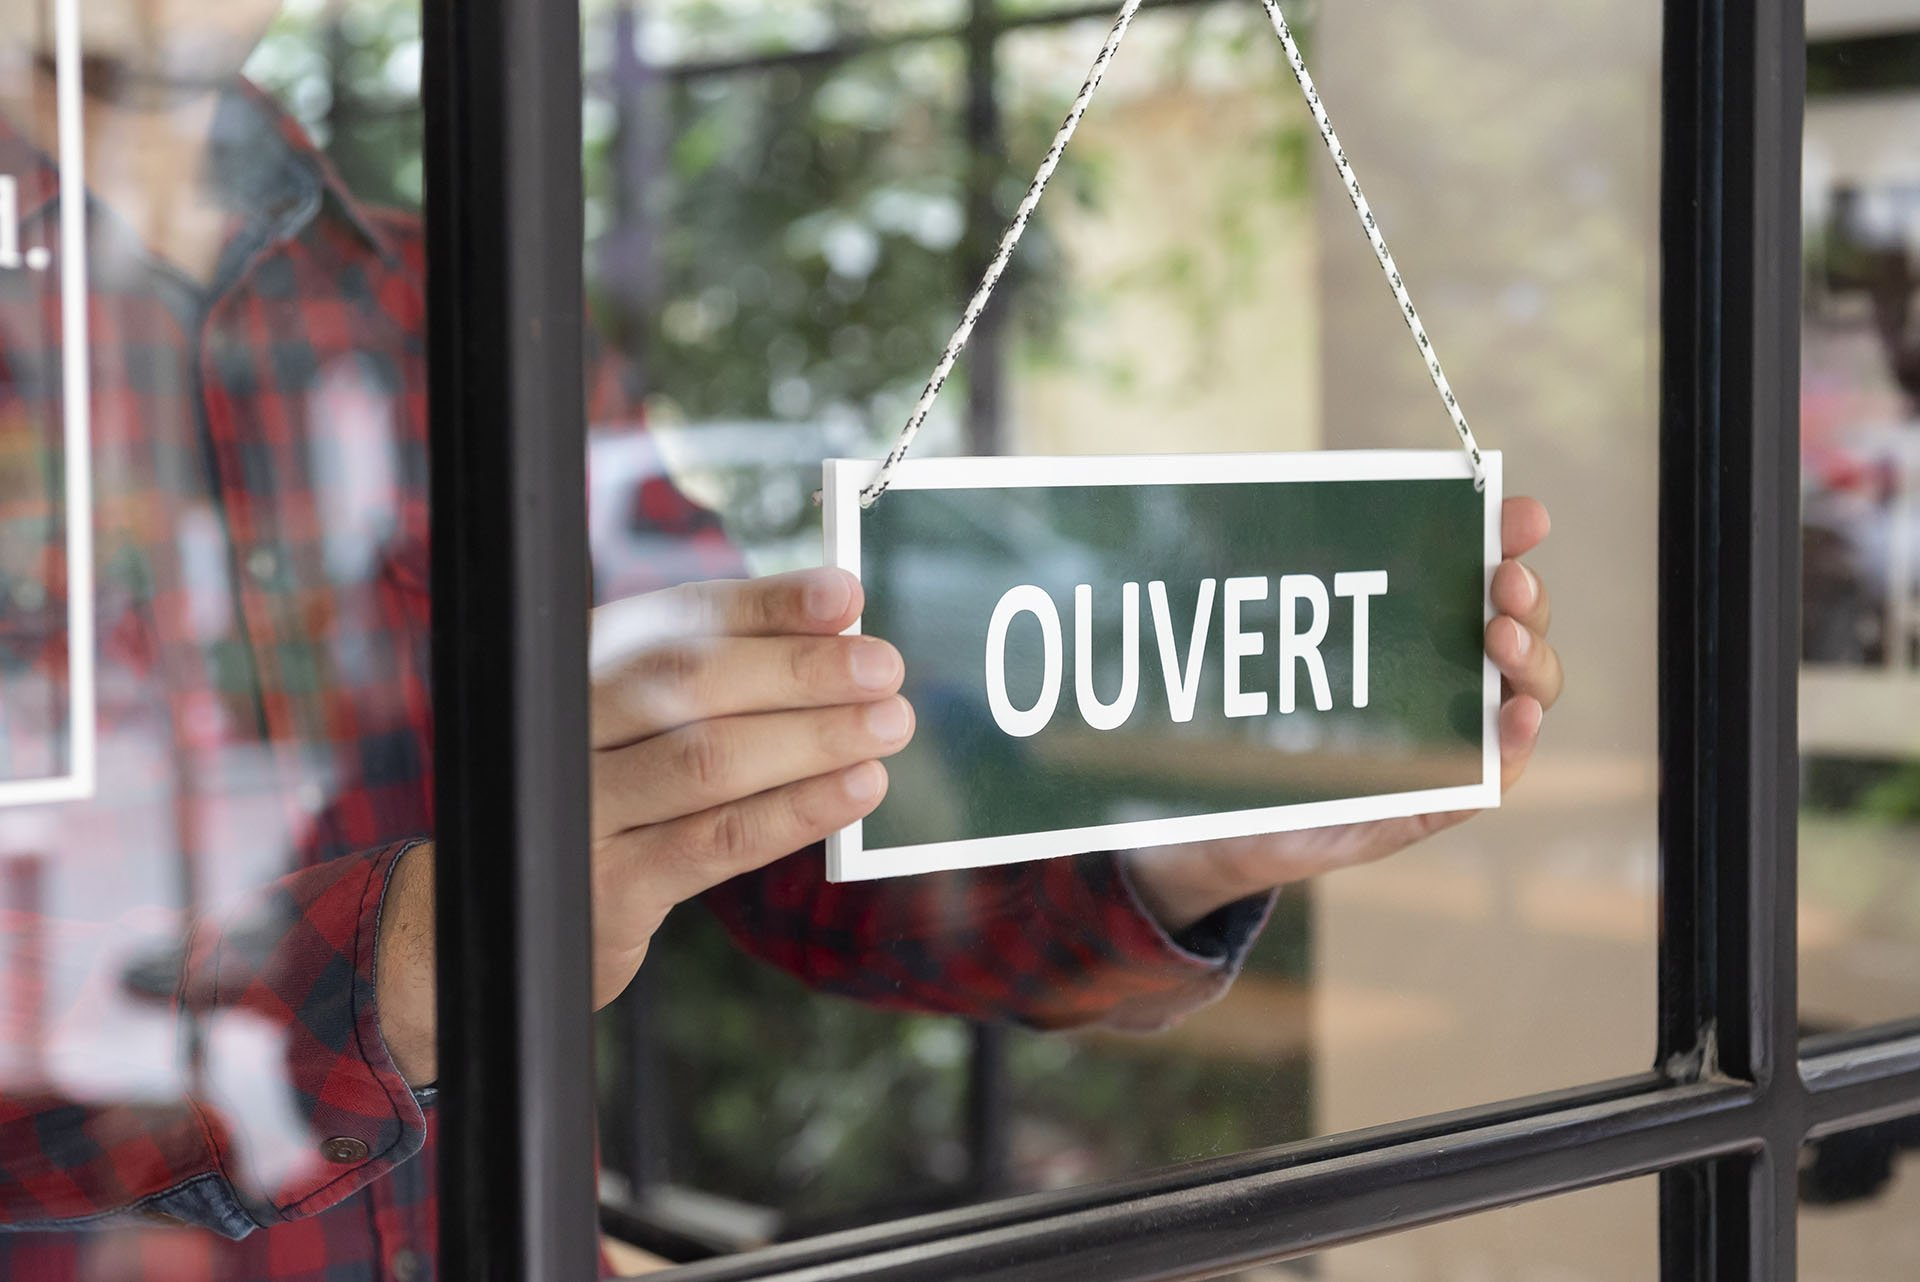 Vous recherchez un local commercial à Bordeaux en vue d'un achat ou d'une location ? Consultimo vous livre ses conseils pour vous guider dans votre choix.